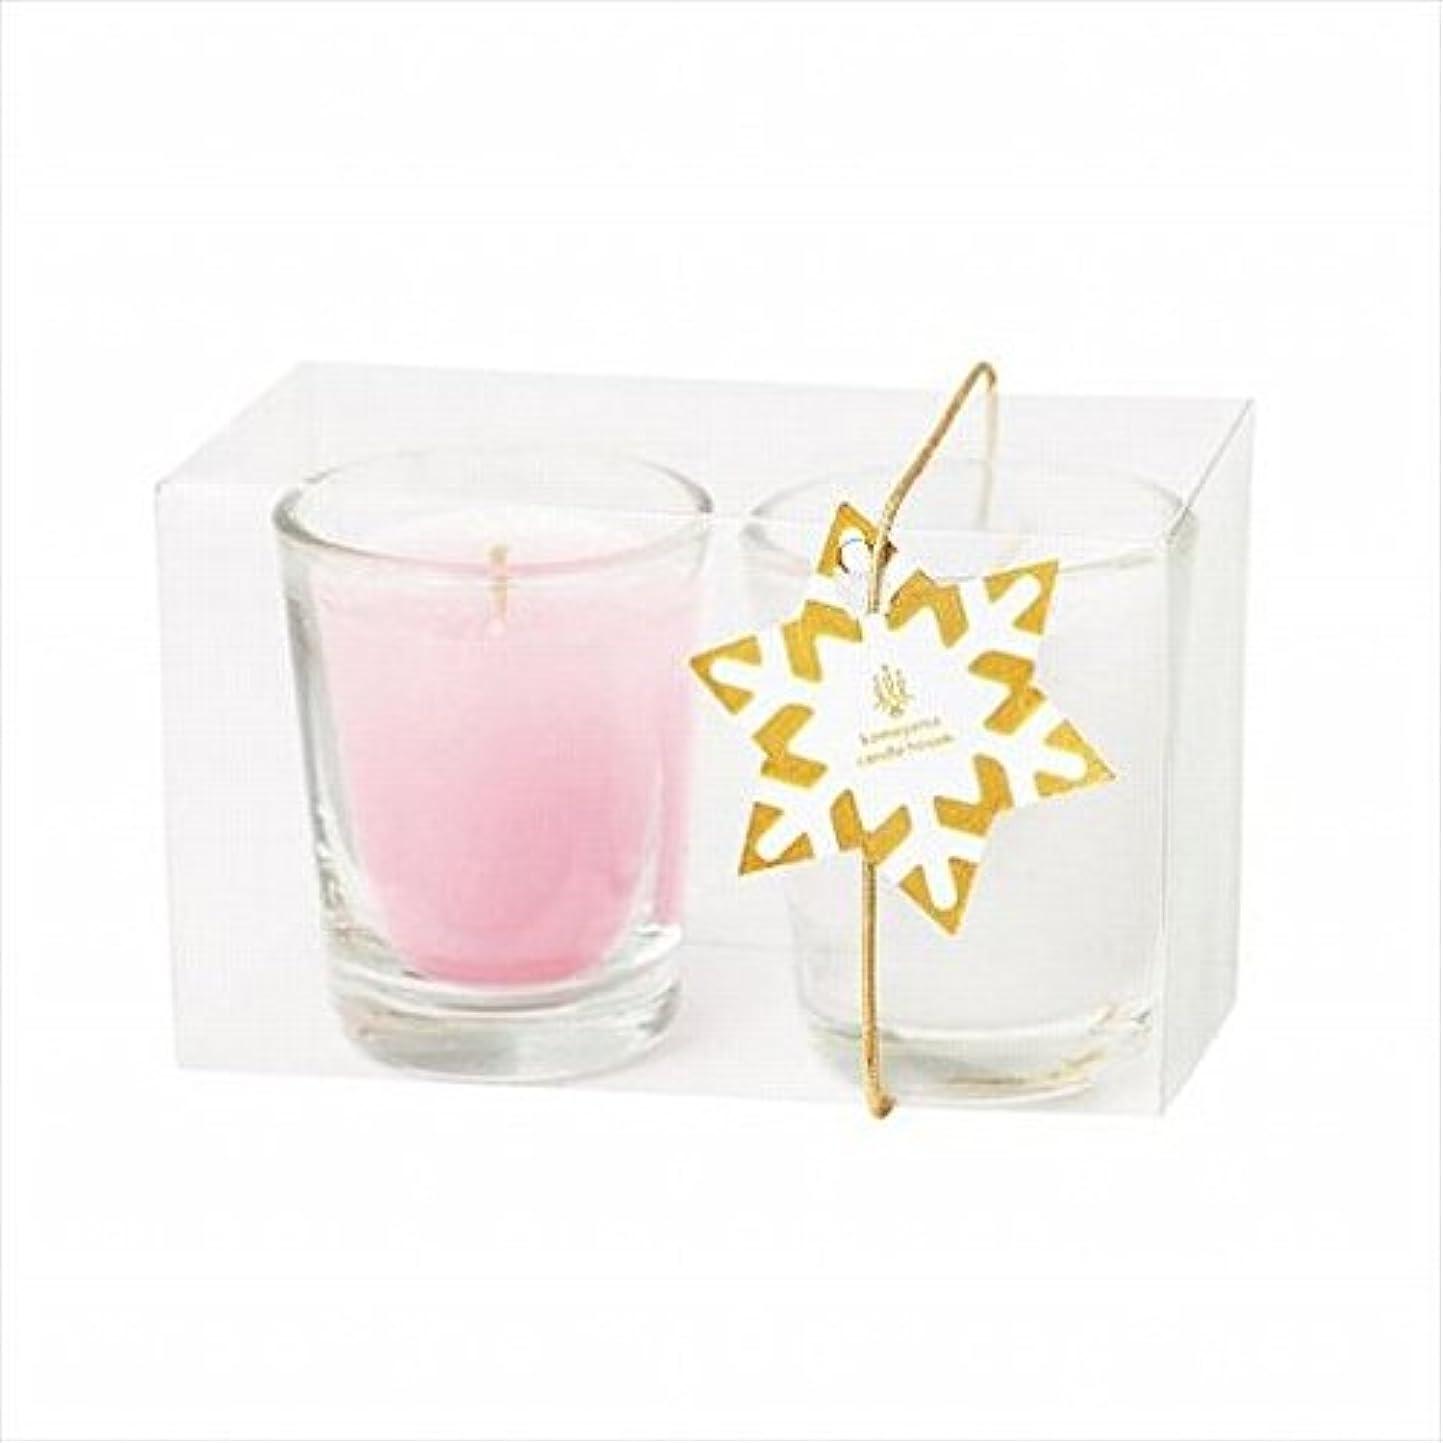 加速するオーディション千kameyama candle(カメヤマキャンドル) ミニライト2個入り 「 ホワイト&ピンク 」(A9570020)